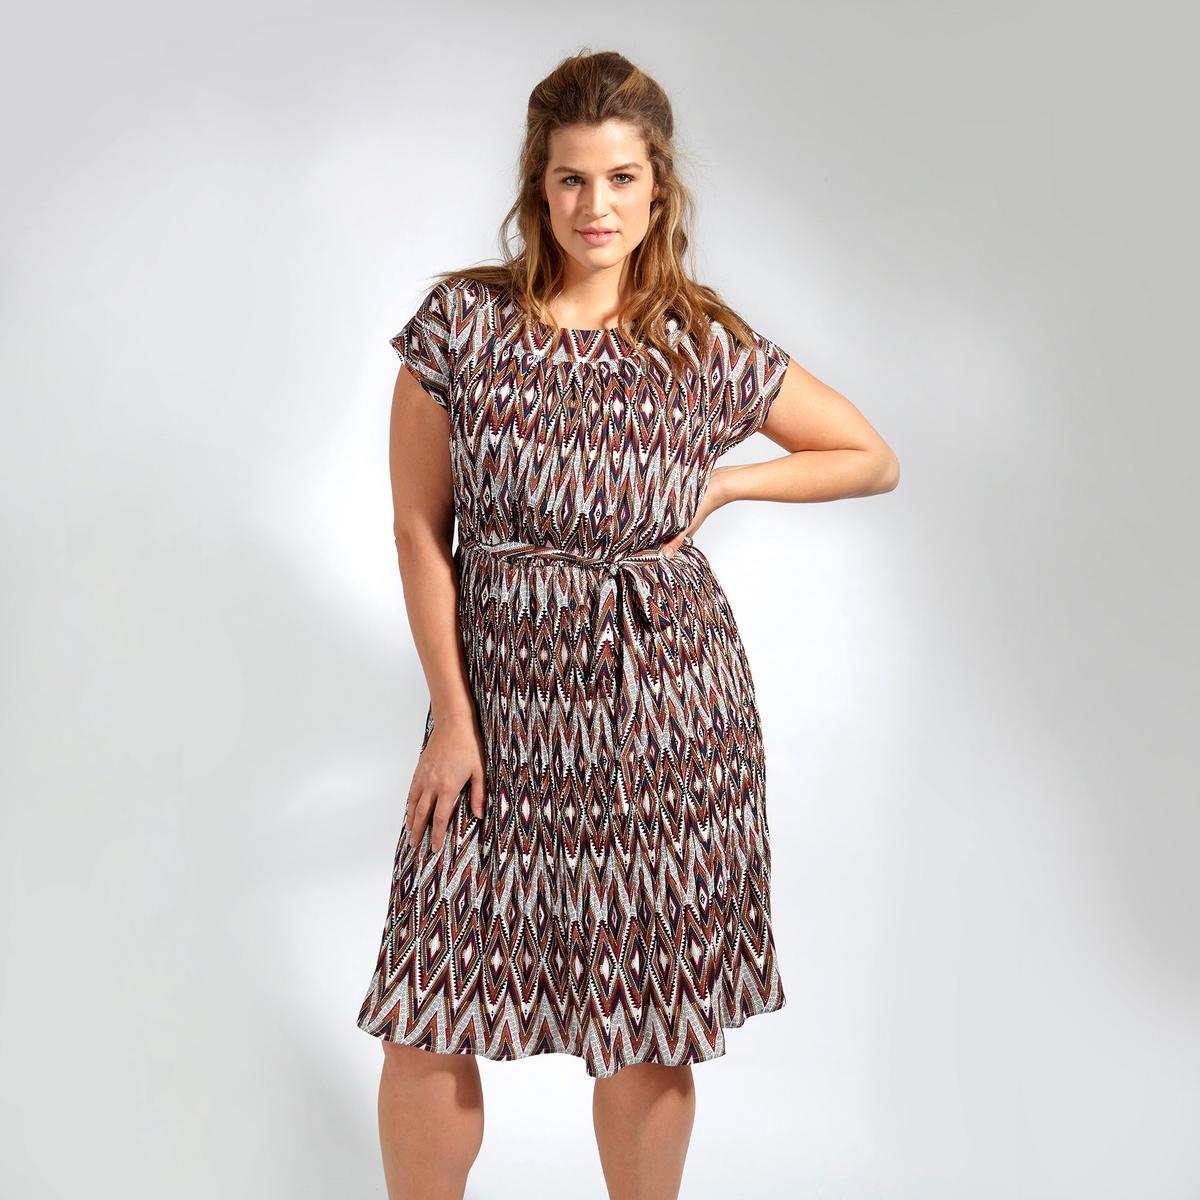 ПлатьеПлатье с короткими рукавами KOKO BY KOKO. Круглый вырез. 100% полиэстер<br><br>Цвет: набивной рисунок<br>Размер: 44 (FR) - 50 (RUS)